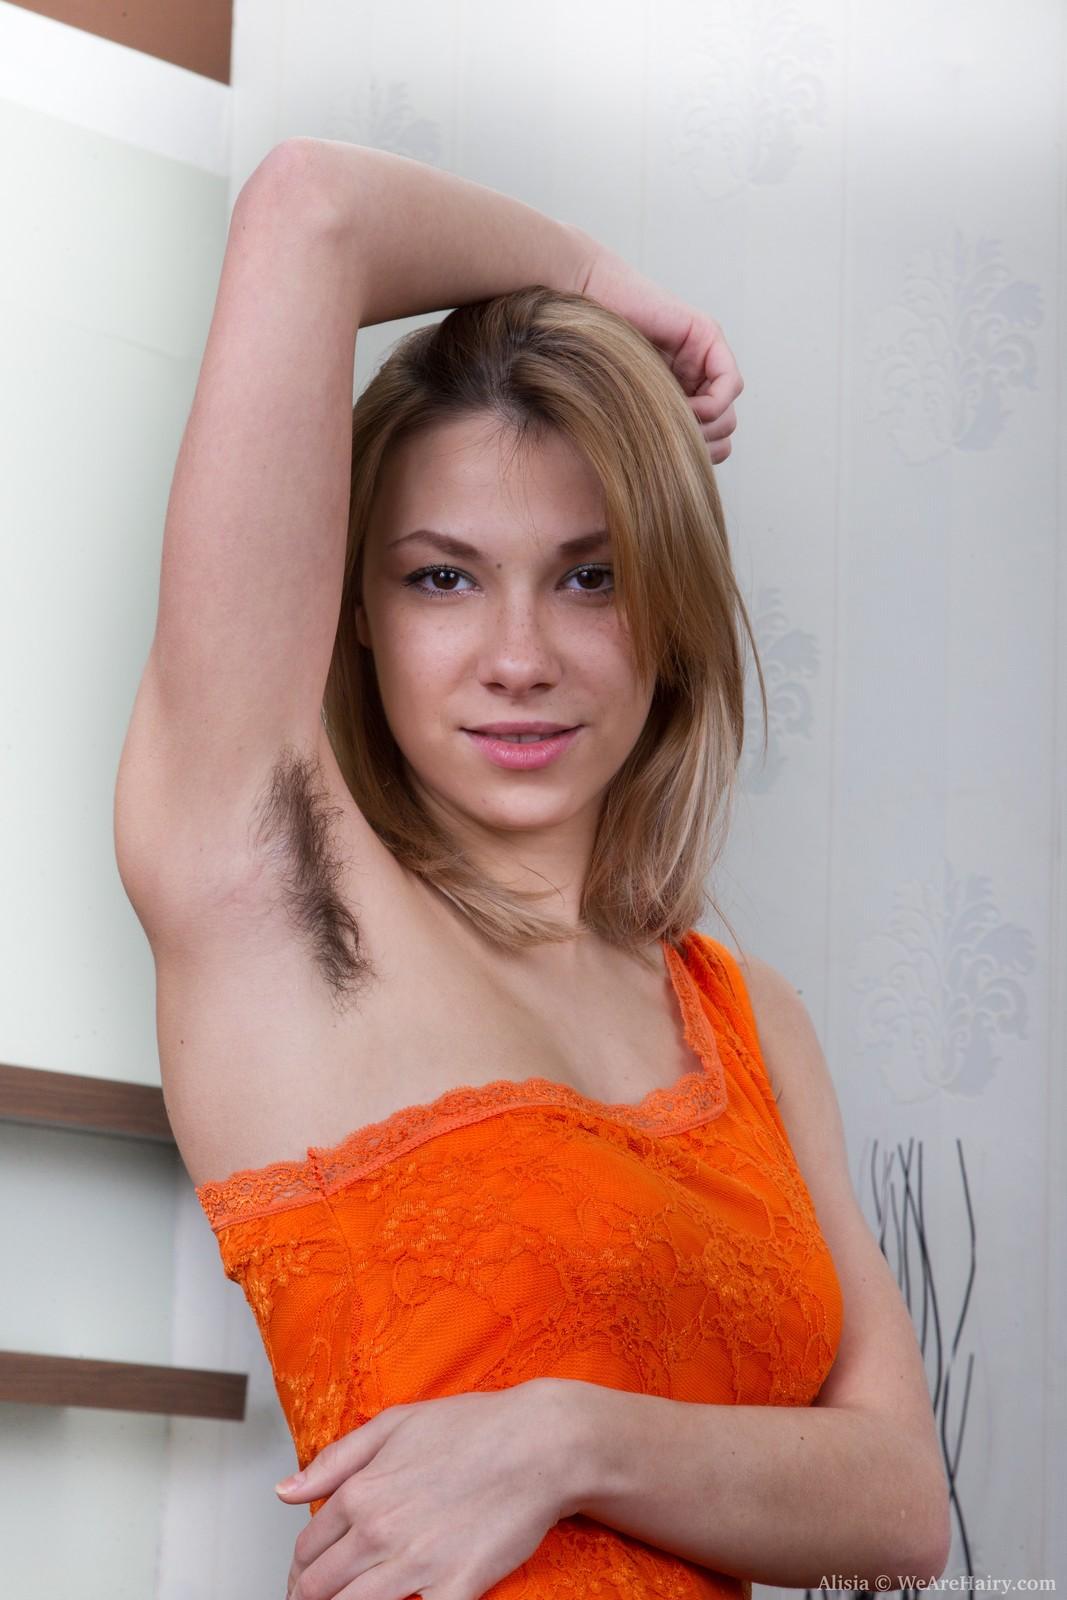 Alisia puts on sexy striptease on sofa